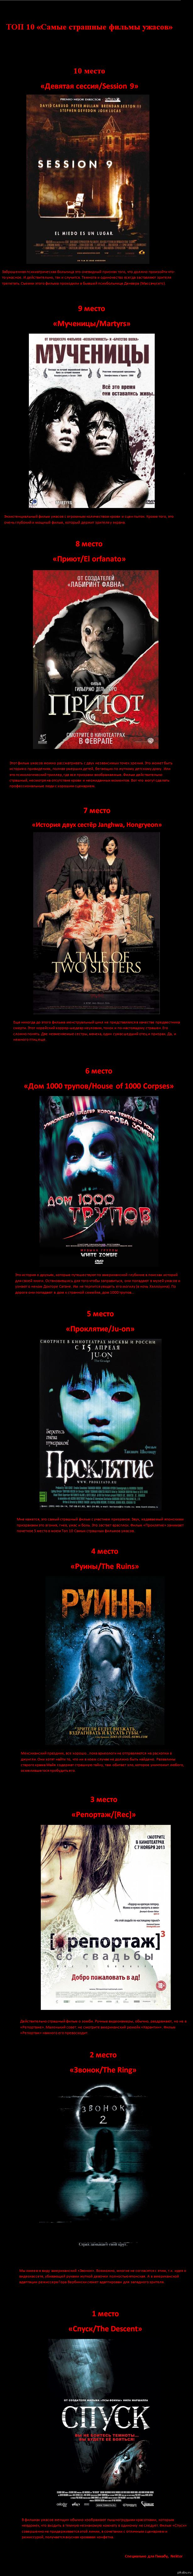 Фильмы топ самых страшных фильмов ужасов - 3